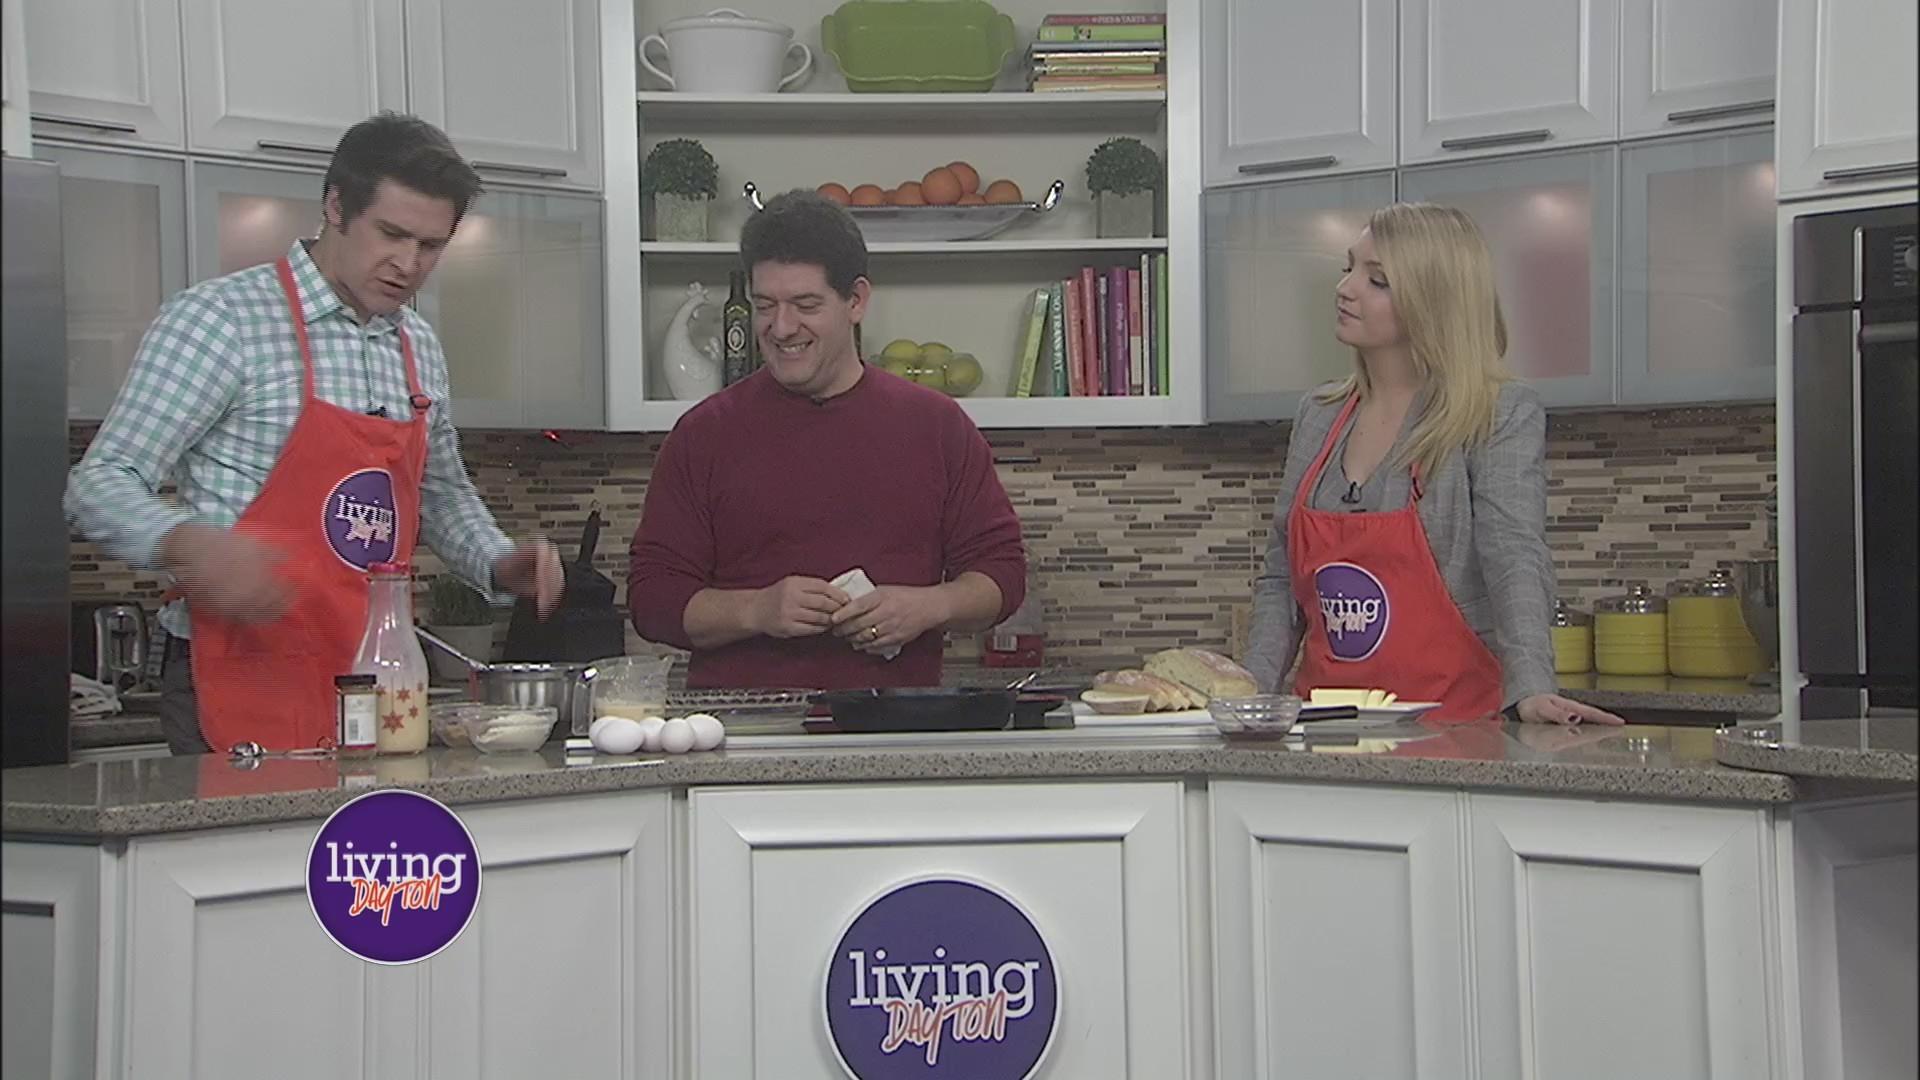 Living Dayton Cooking